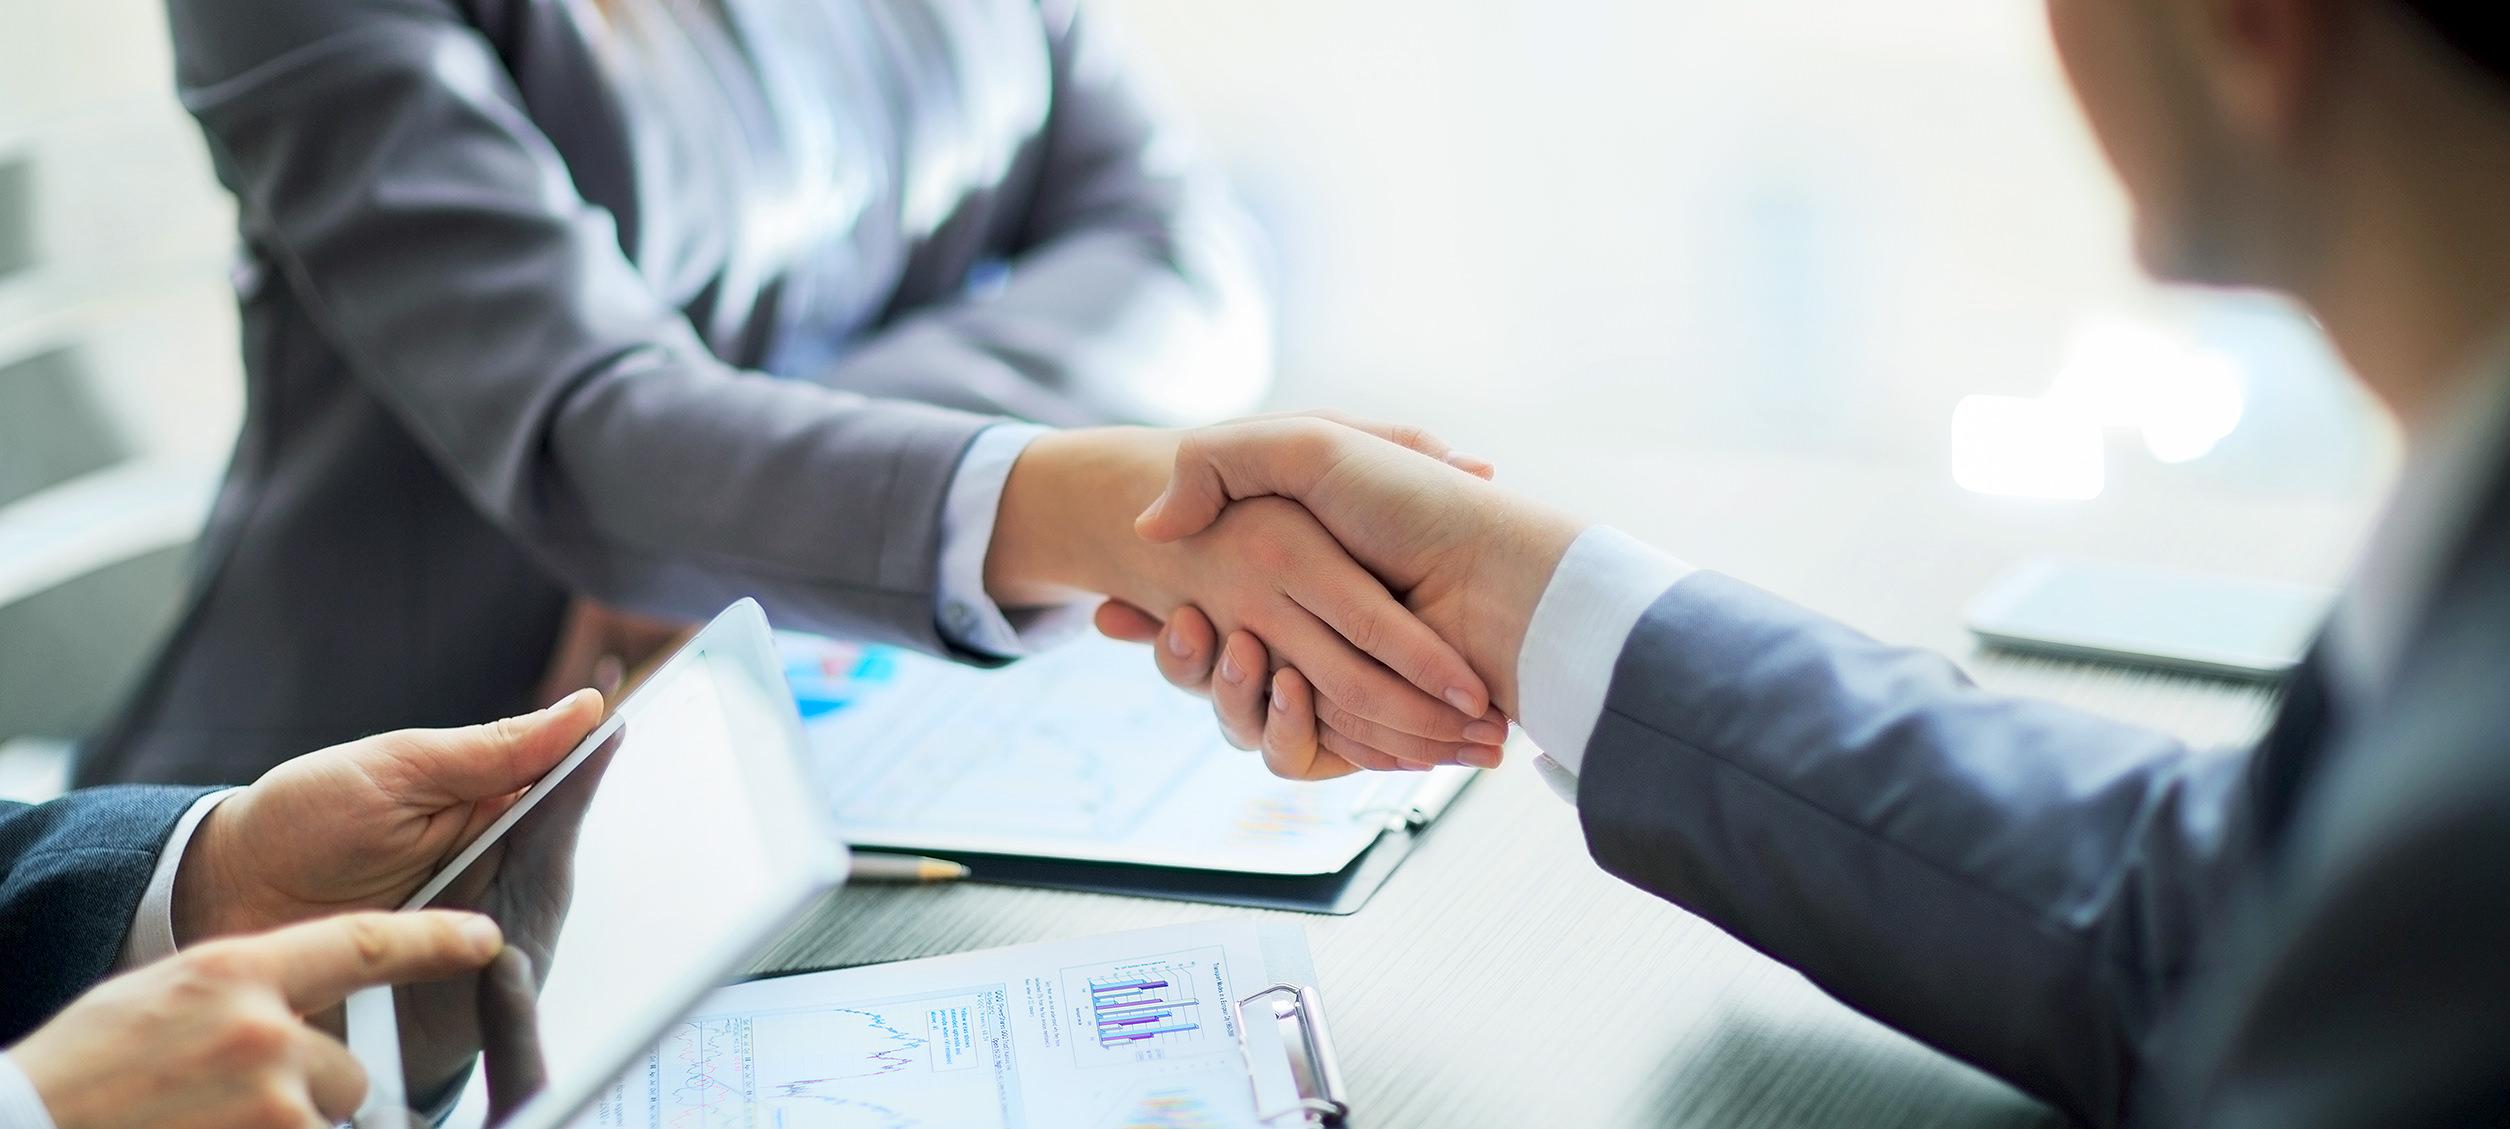 Partnerseite, Geschäftskunden schütteln die Hände